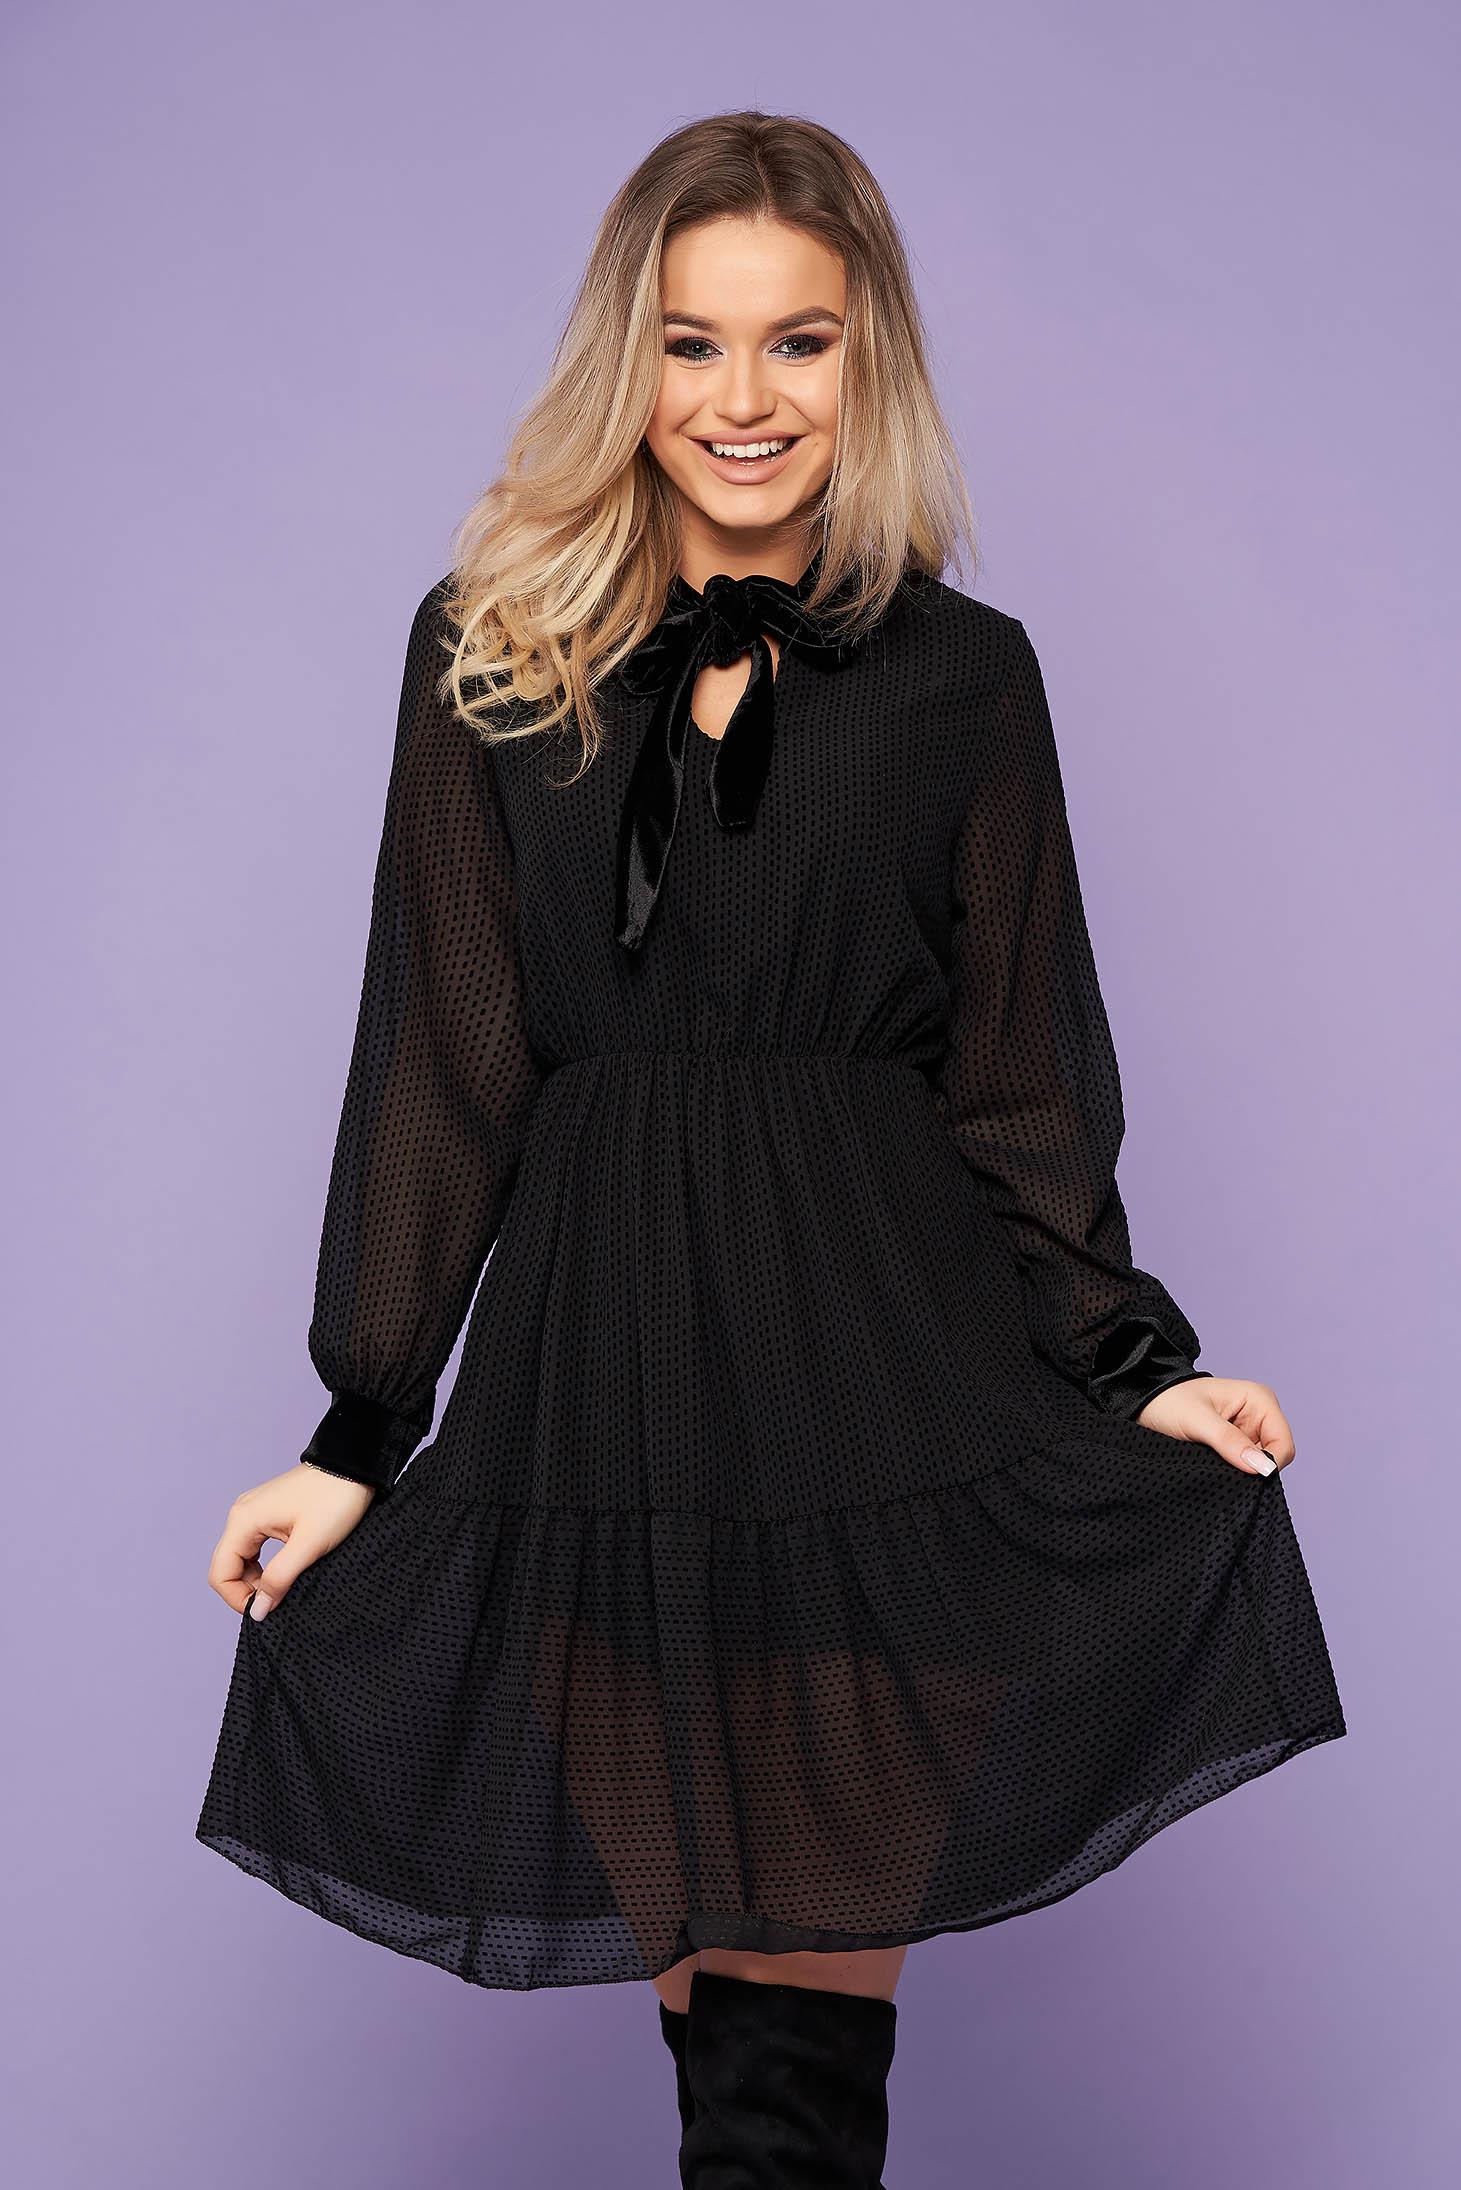 Black dress elegant short cut cloche long sleeved with elastic waist velvet insertions